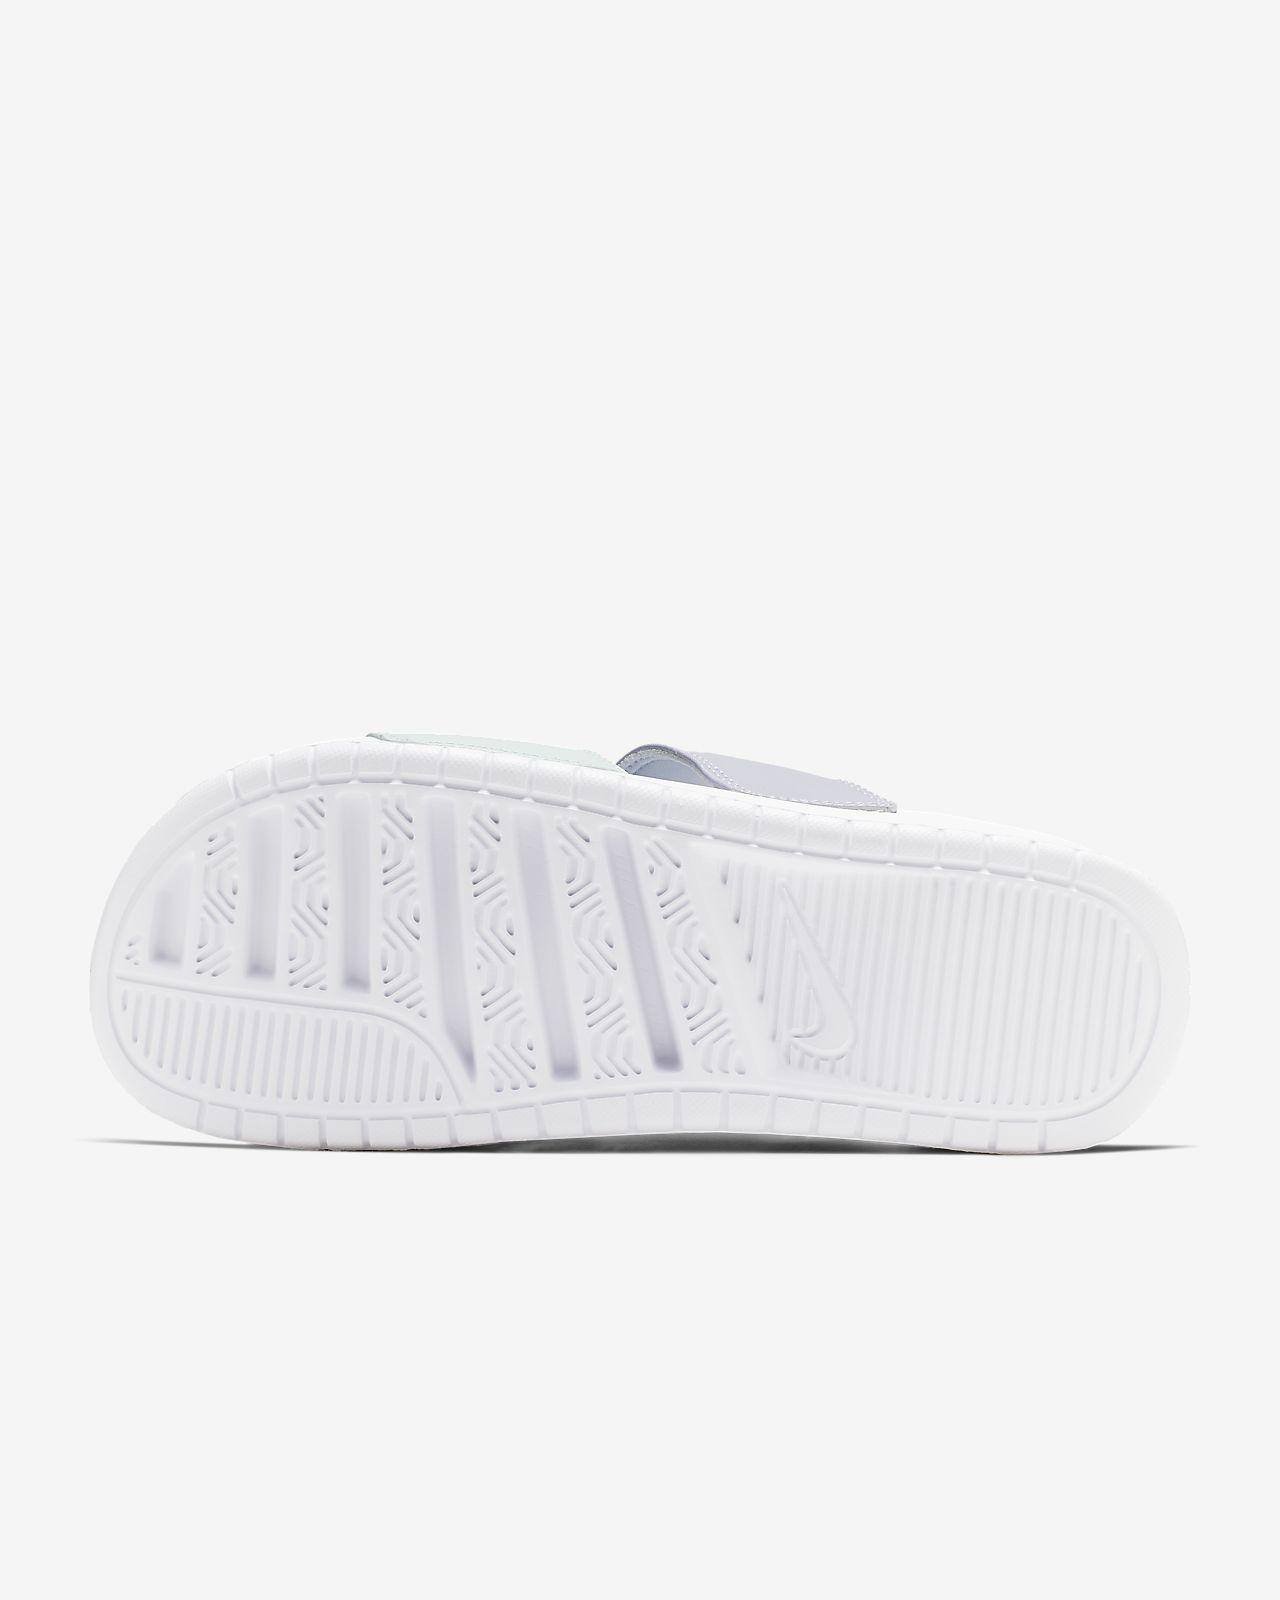 check out 1727f 668e7 ... Nike Benassi Duo Ultra Women s Slide